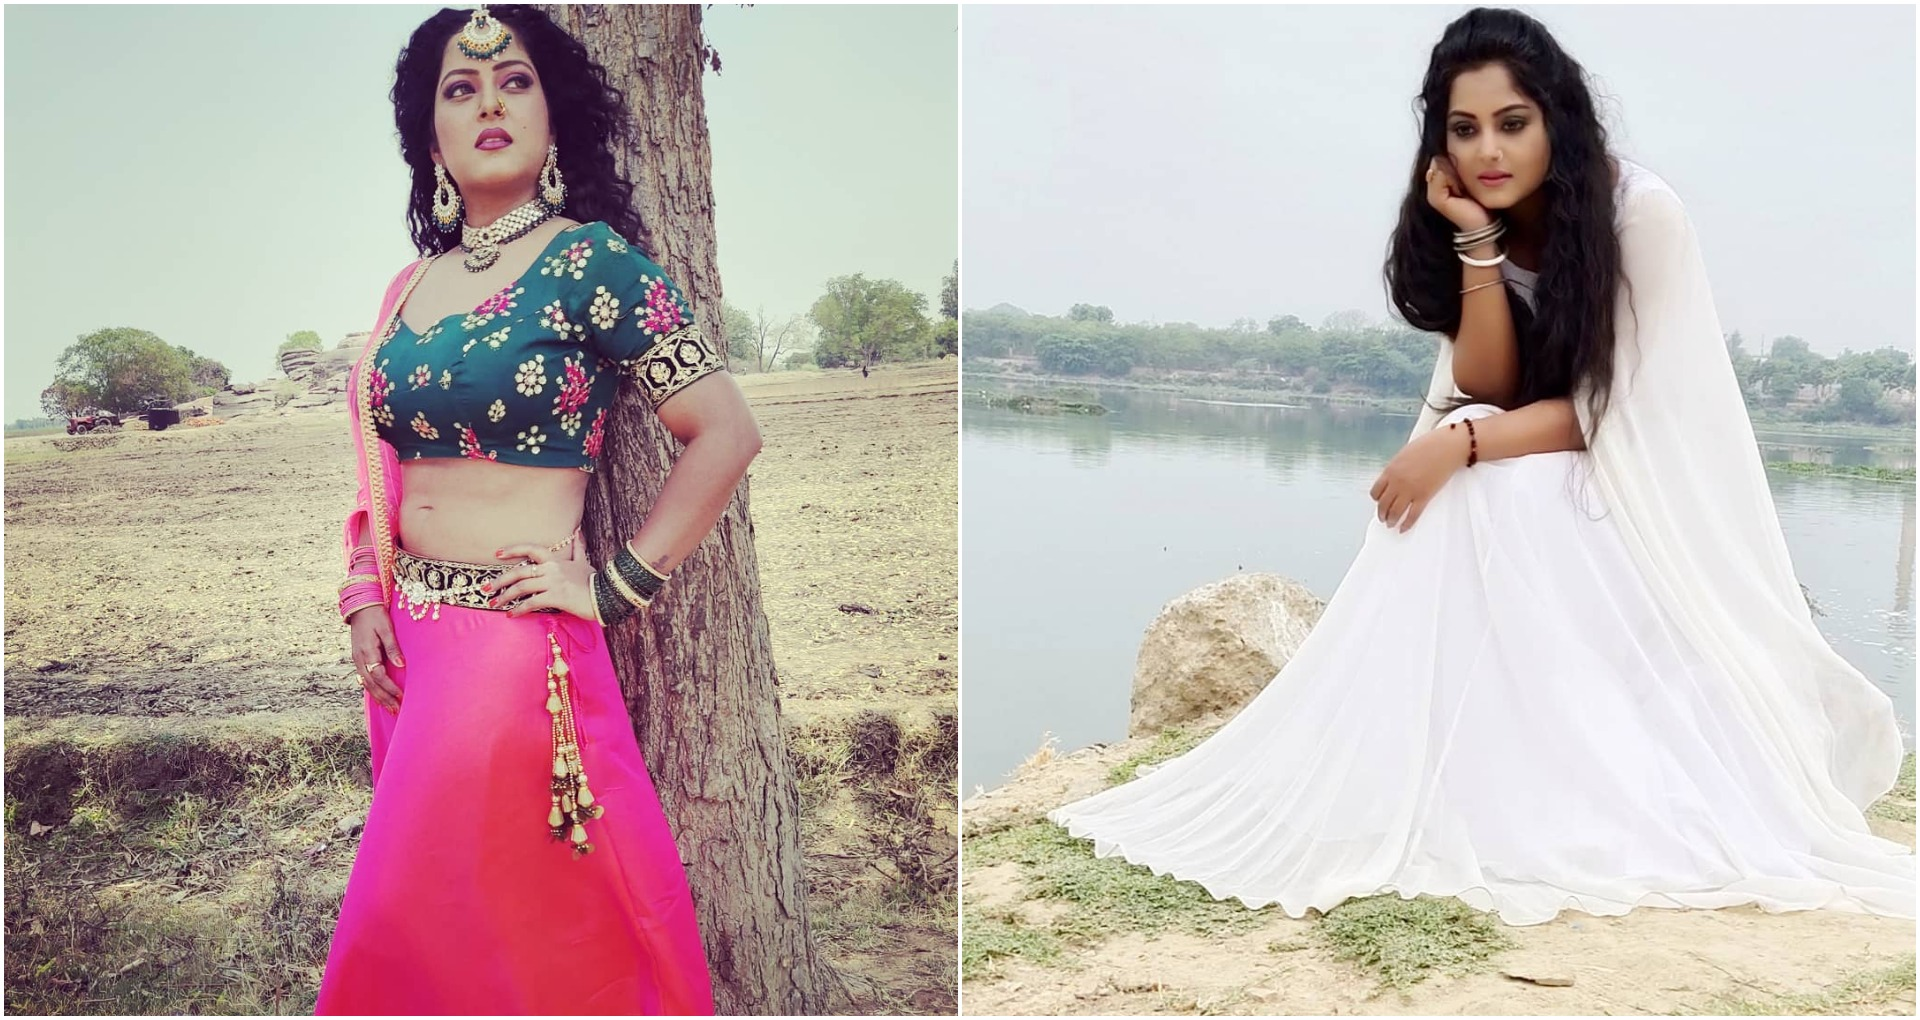 EXCLUSIVE: भोजपुरी बम अंजना सिंह ने क्यों नहीं करती बड़े स्टारों के साथ काम? ये रही आगामी फिल्मों की लिस्ट